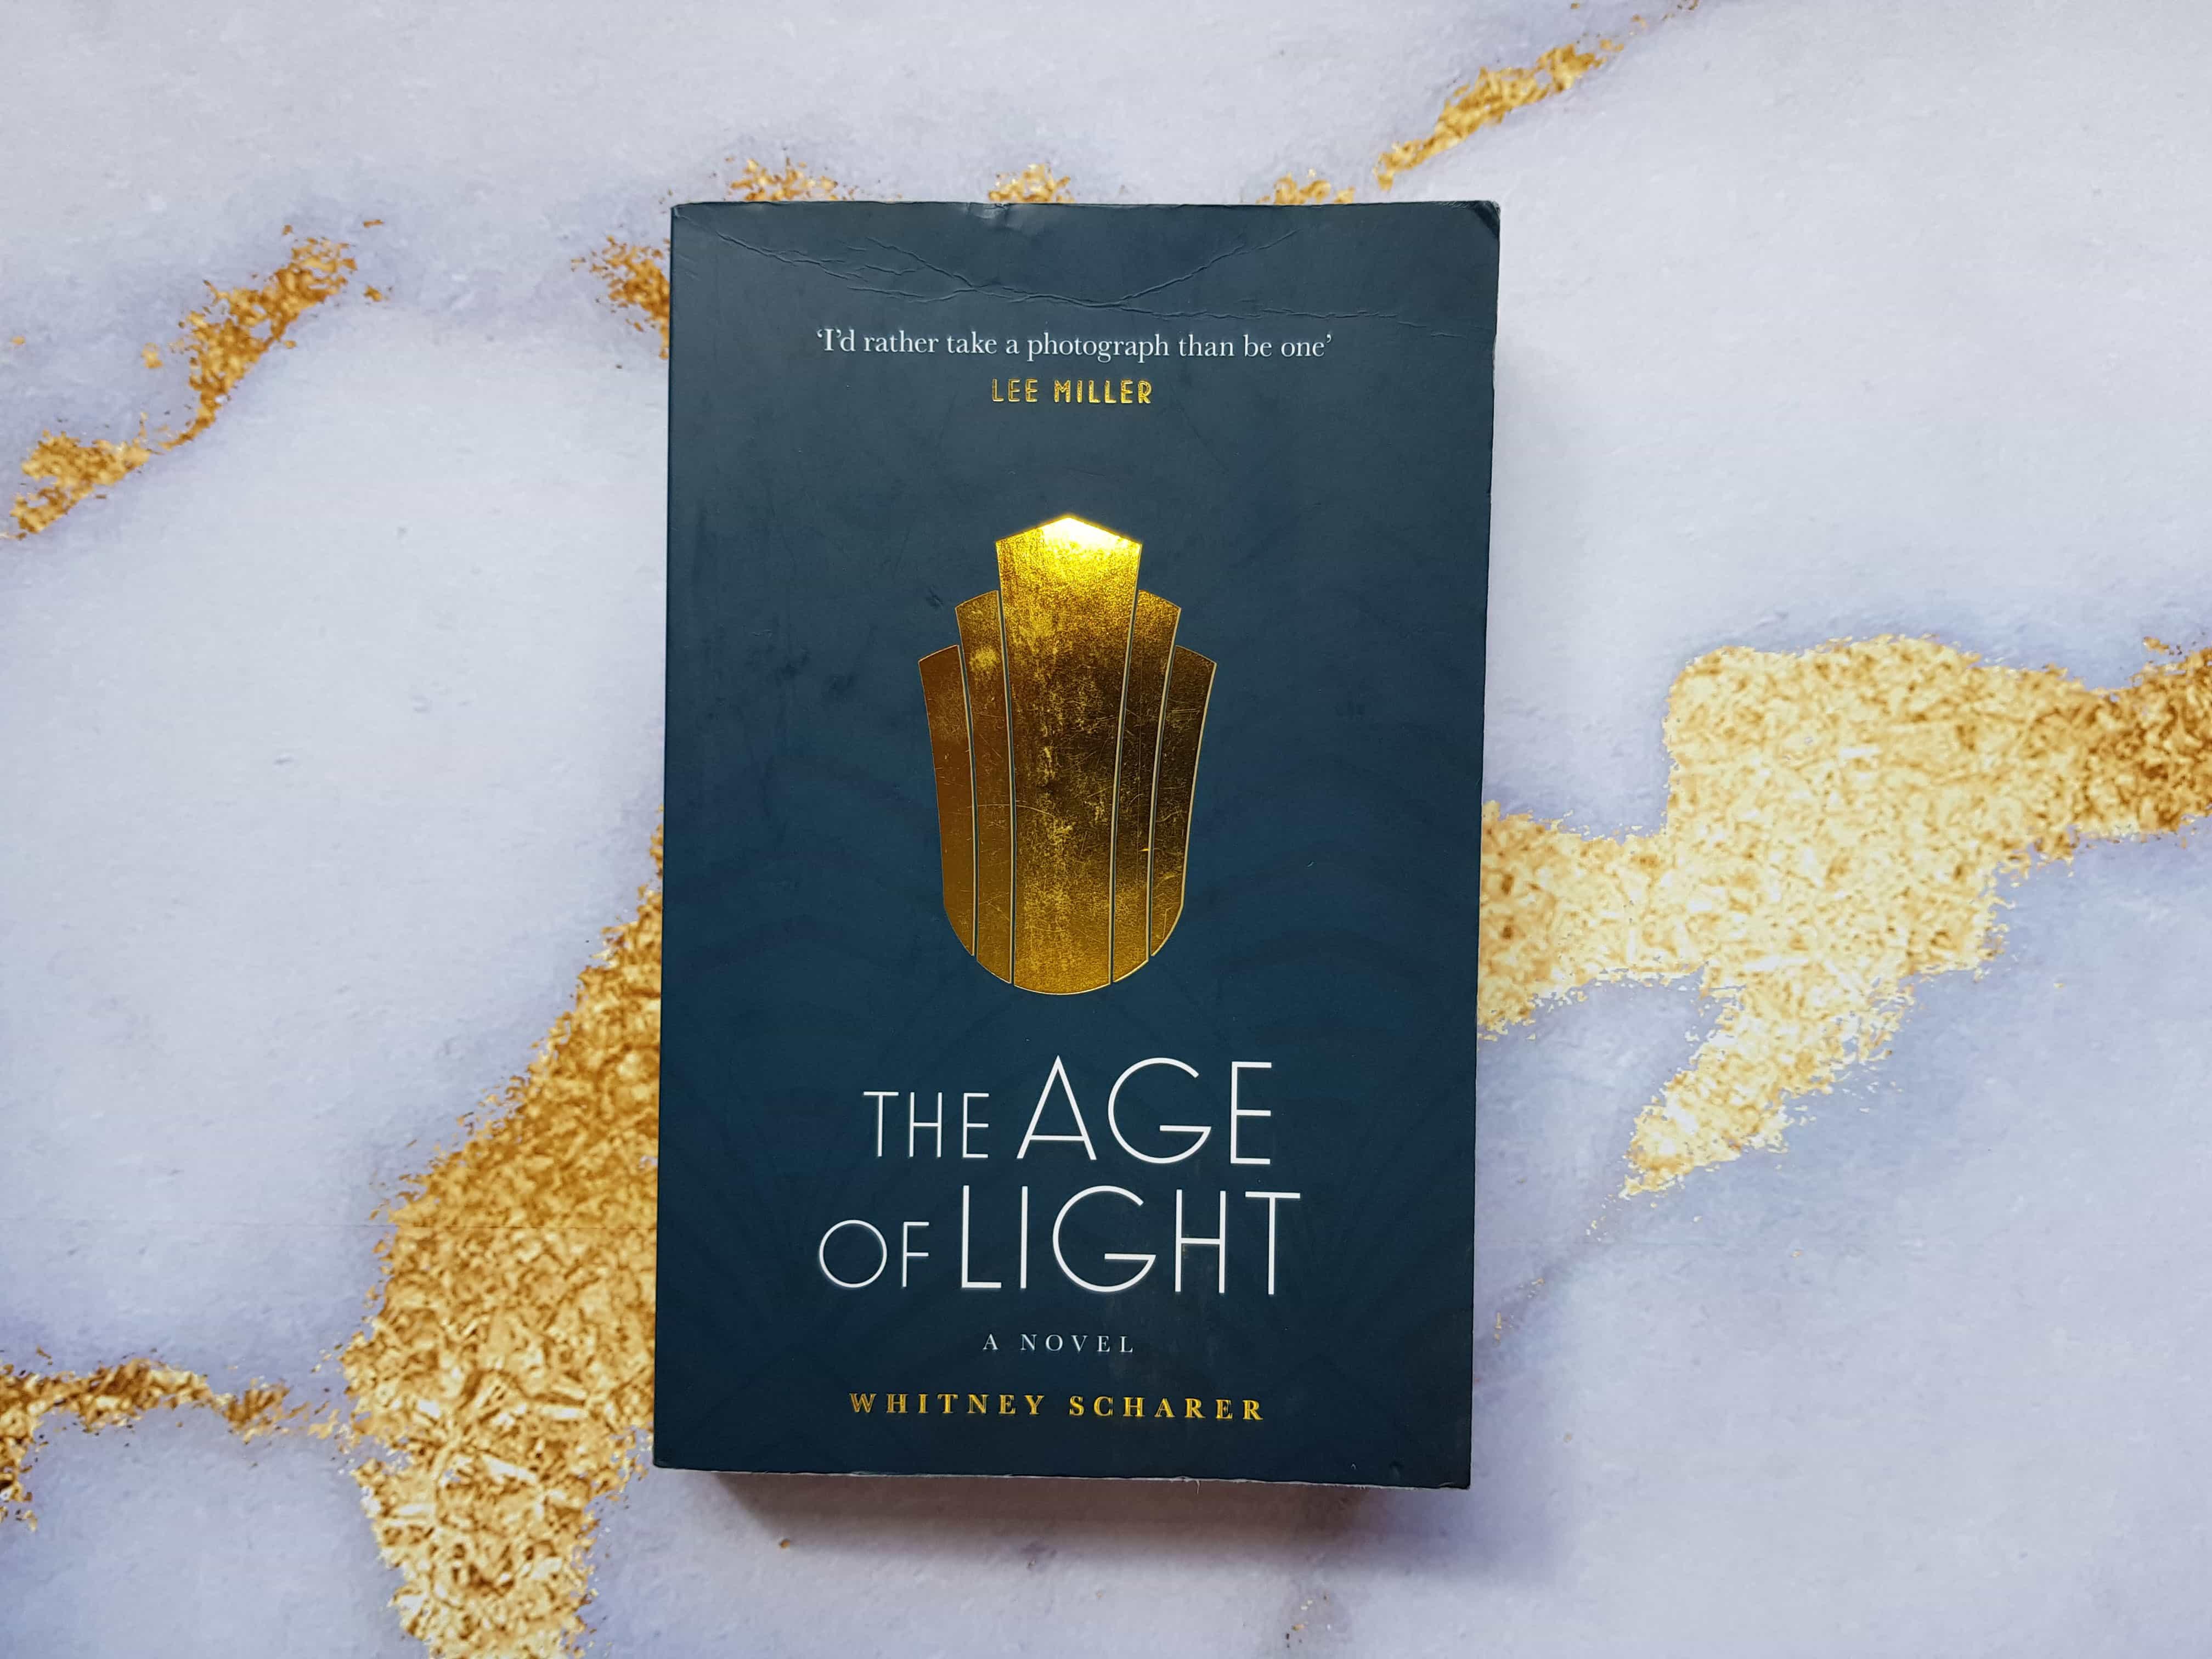 The Age of Light Whitney Scharer